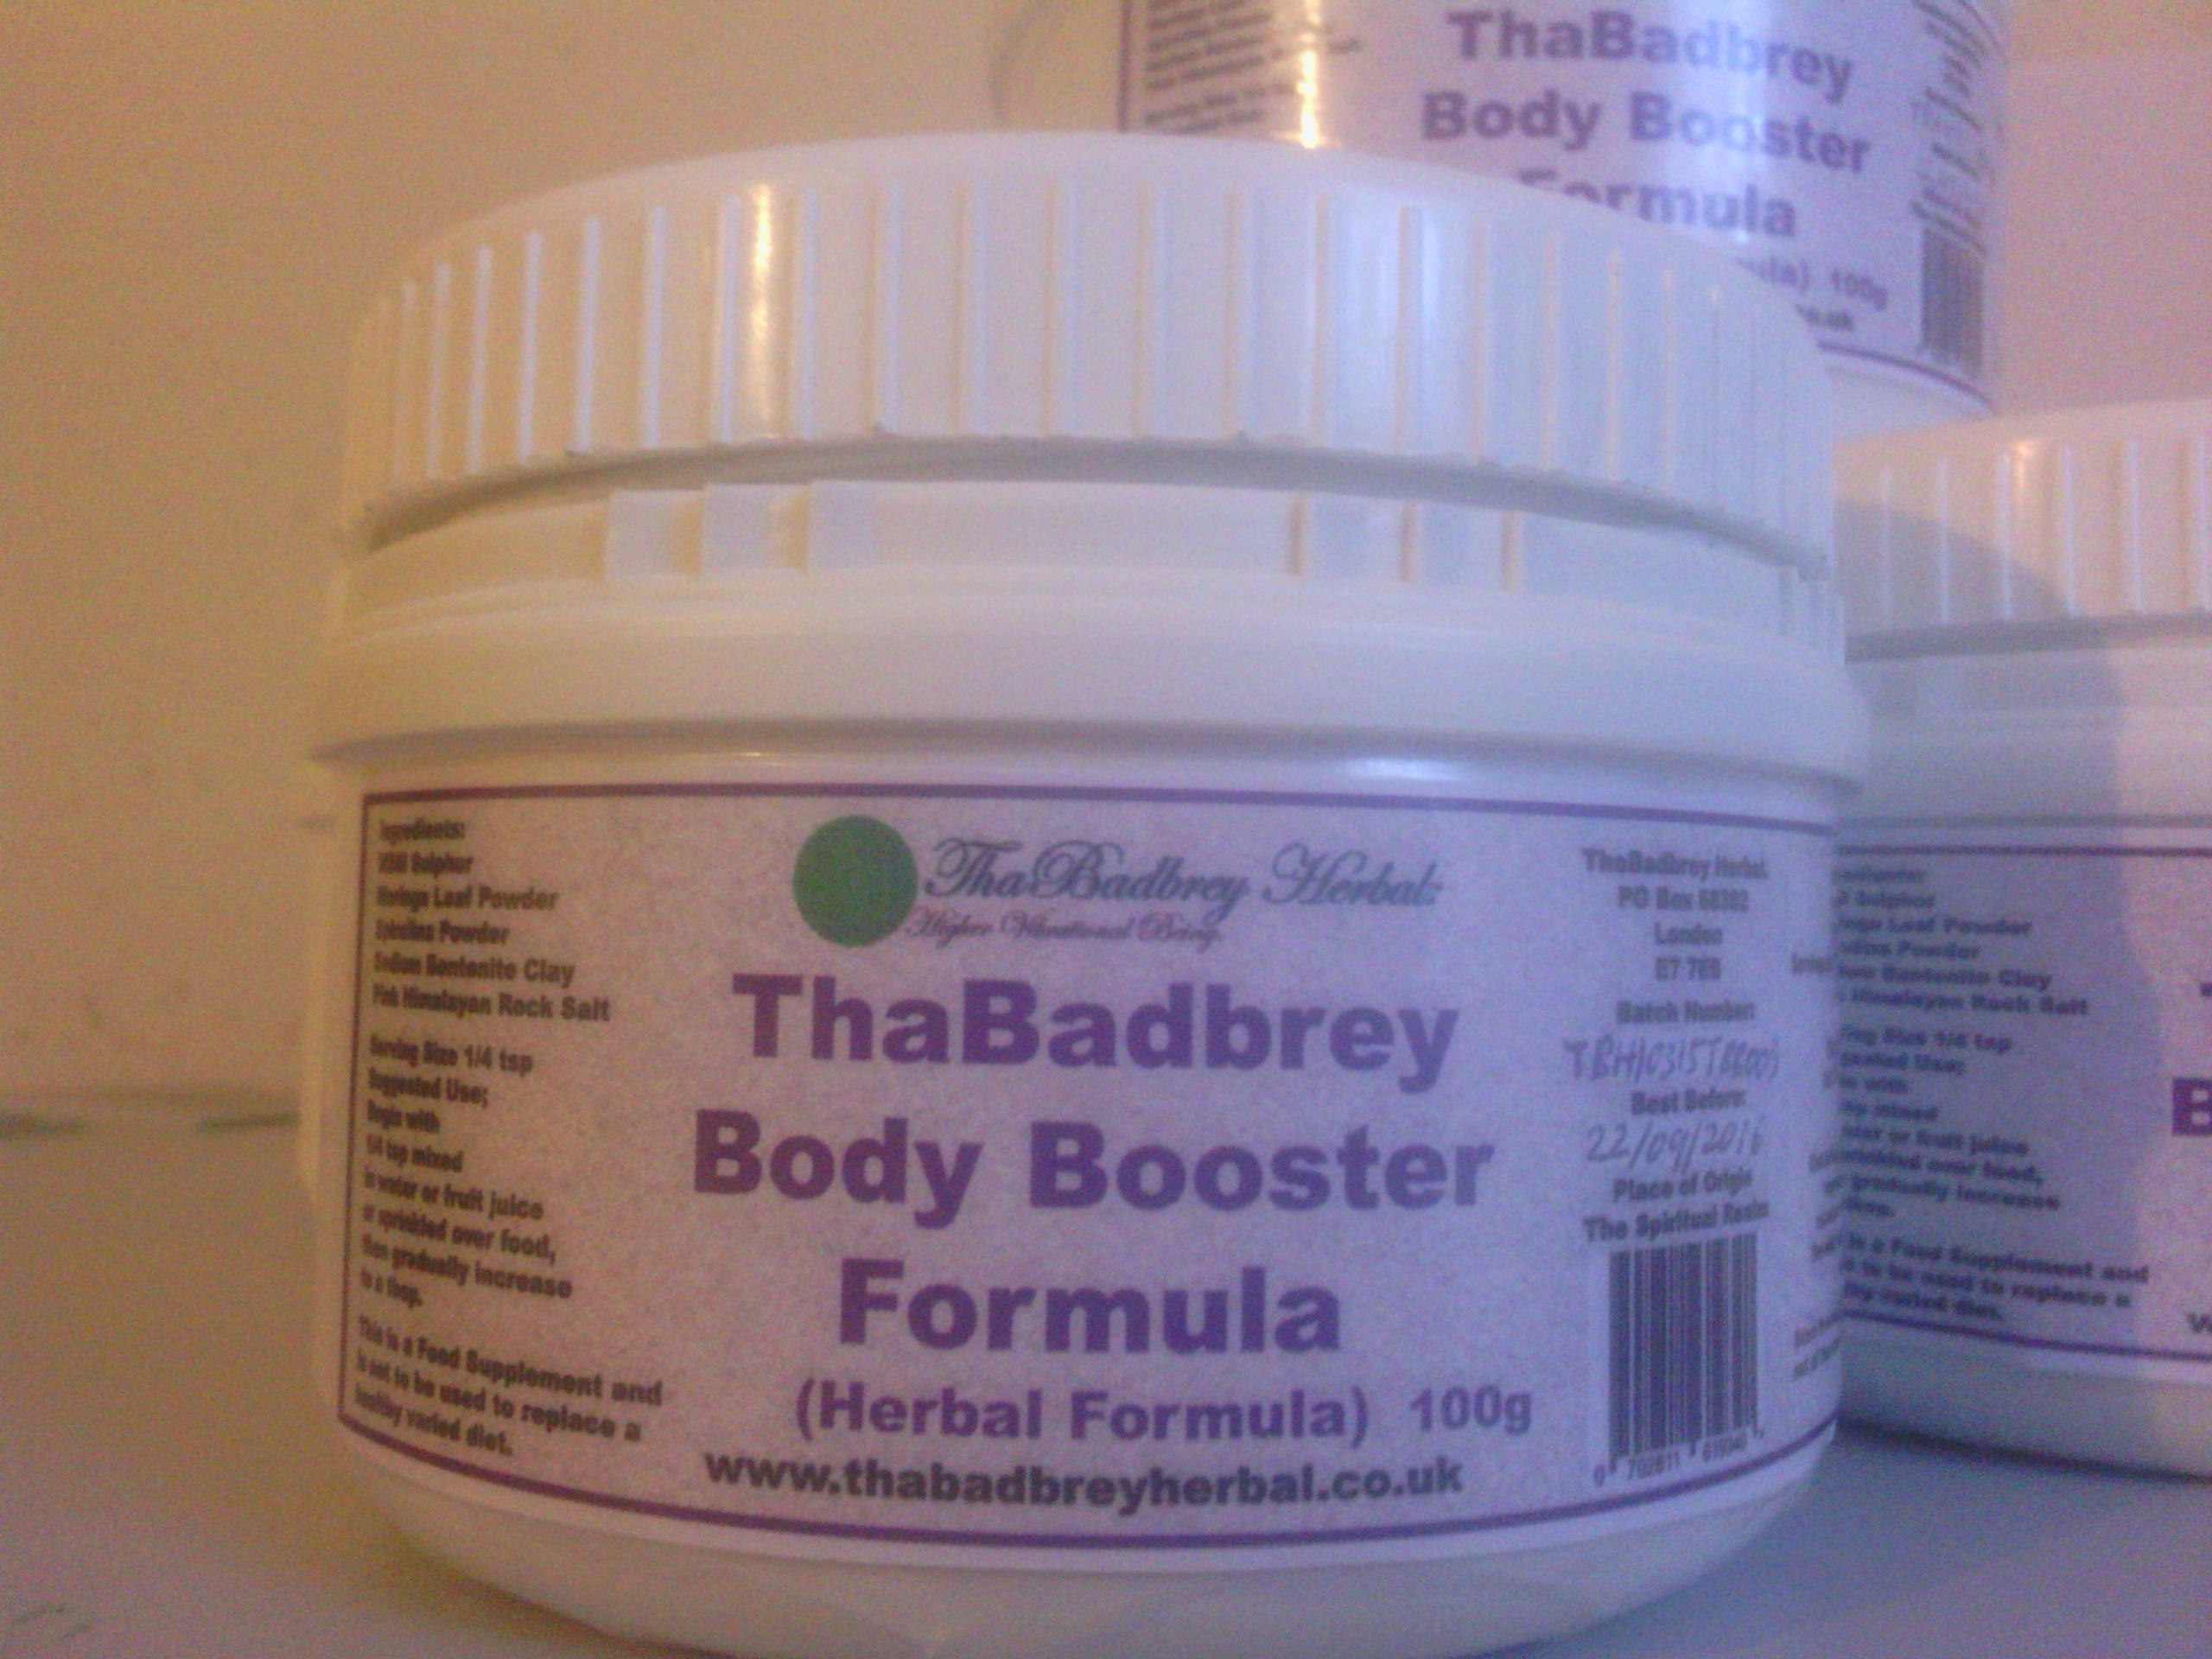 ThaBadbrey Body Boosting Formula!